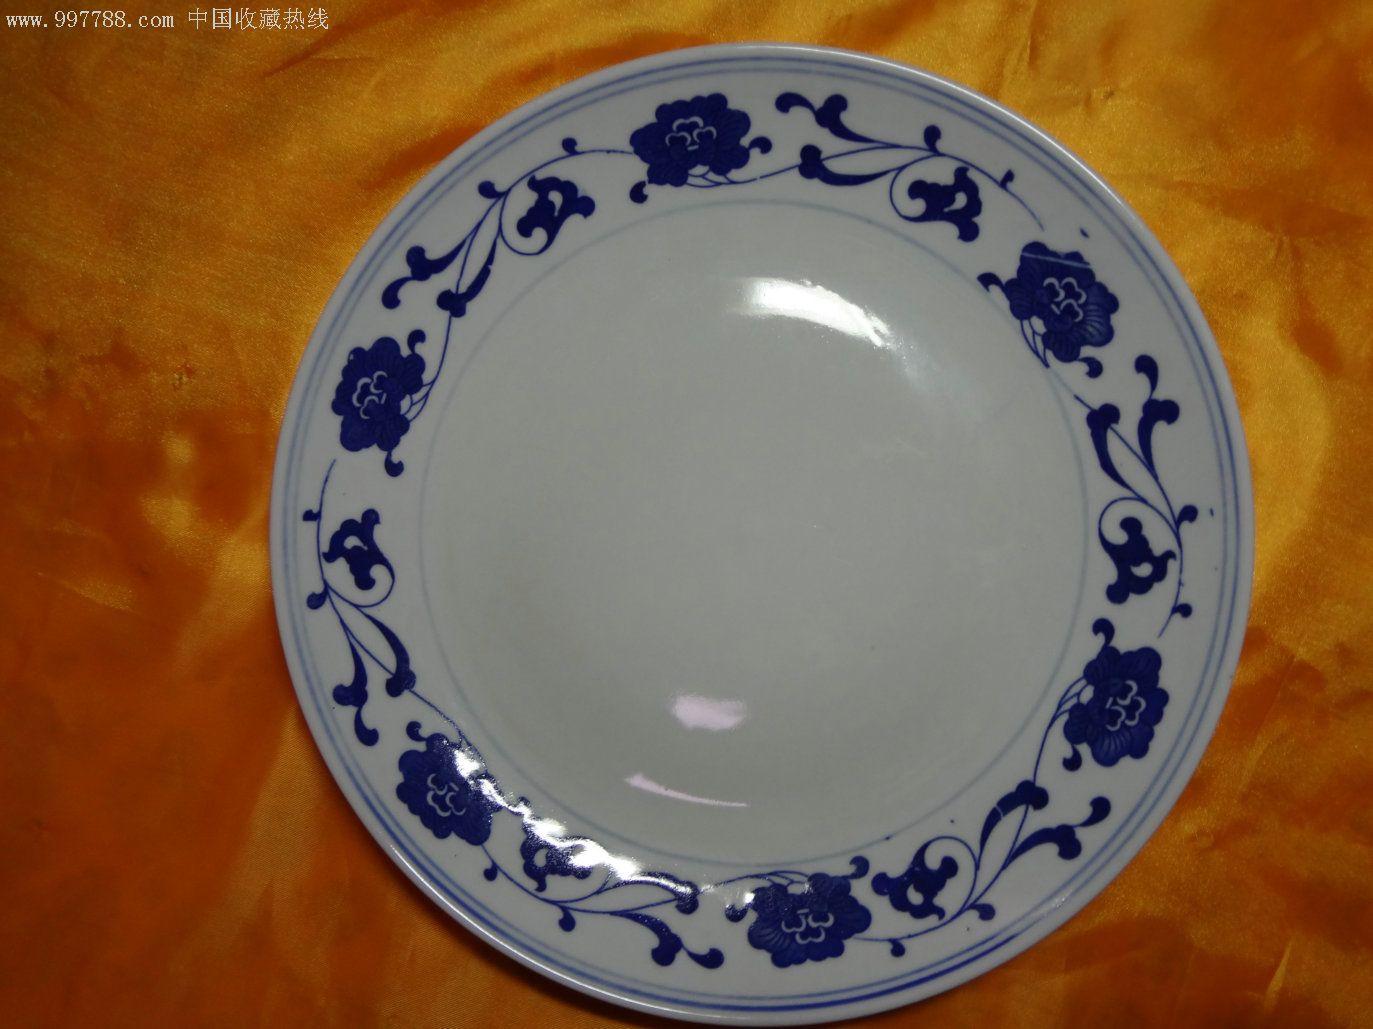 景德镇老光明瓷厂六十年代精品瓷器-白地青花缠枝纹大盘图片